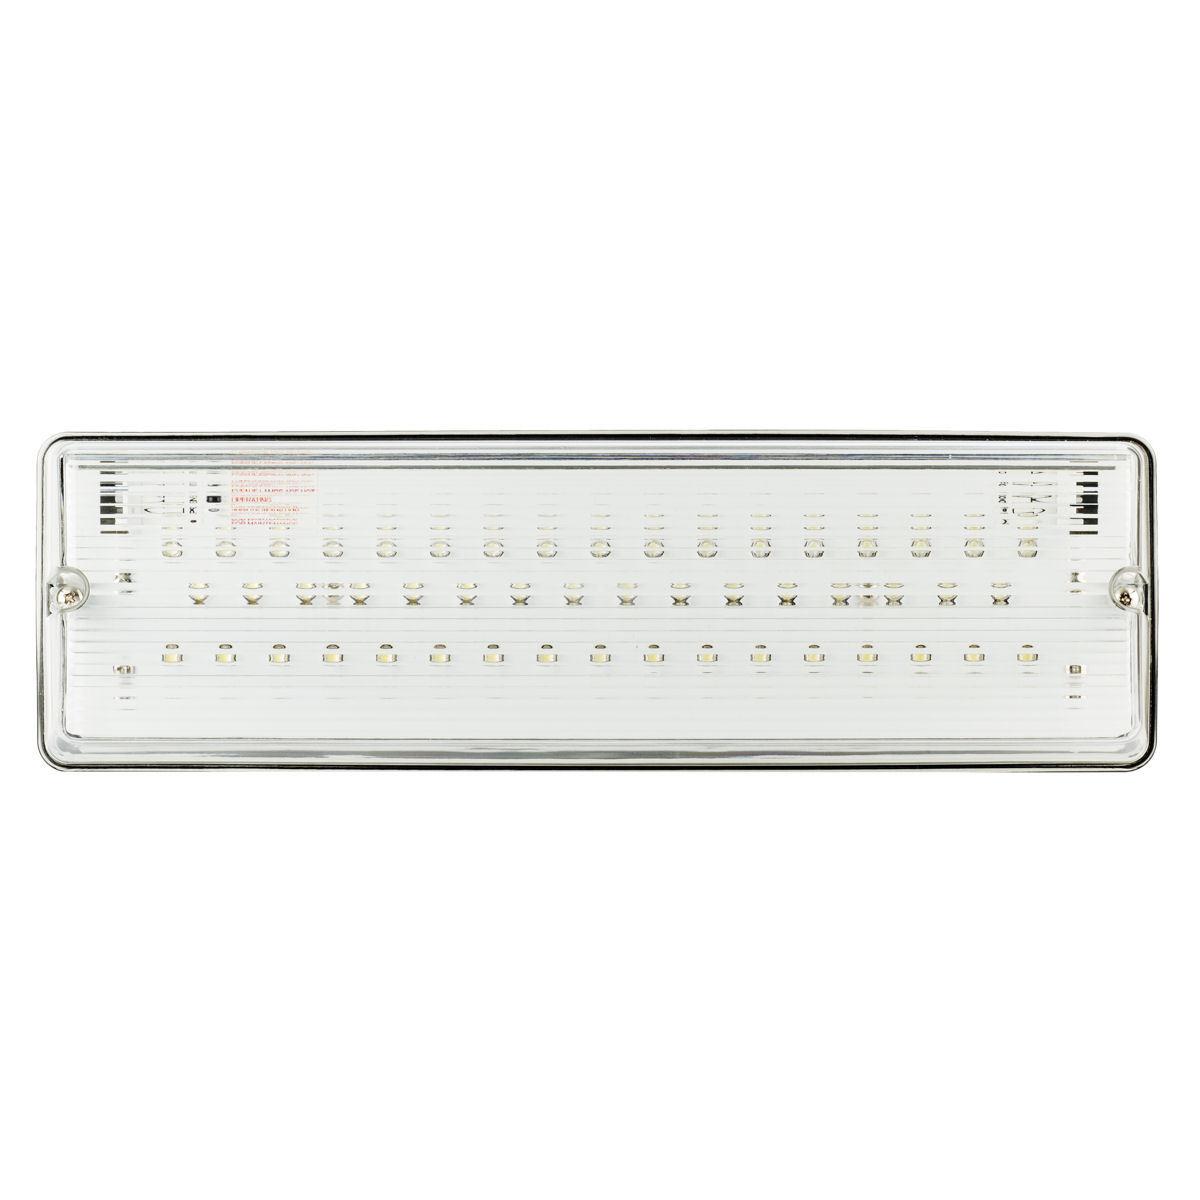 Аварийный светодиодный светильник PL EML 2.0 Pelastus – вид спереди